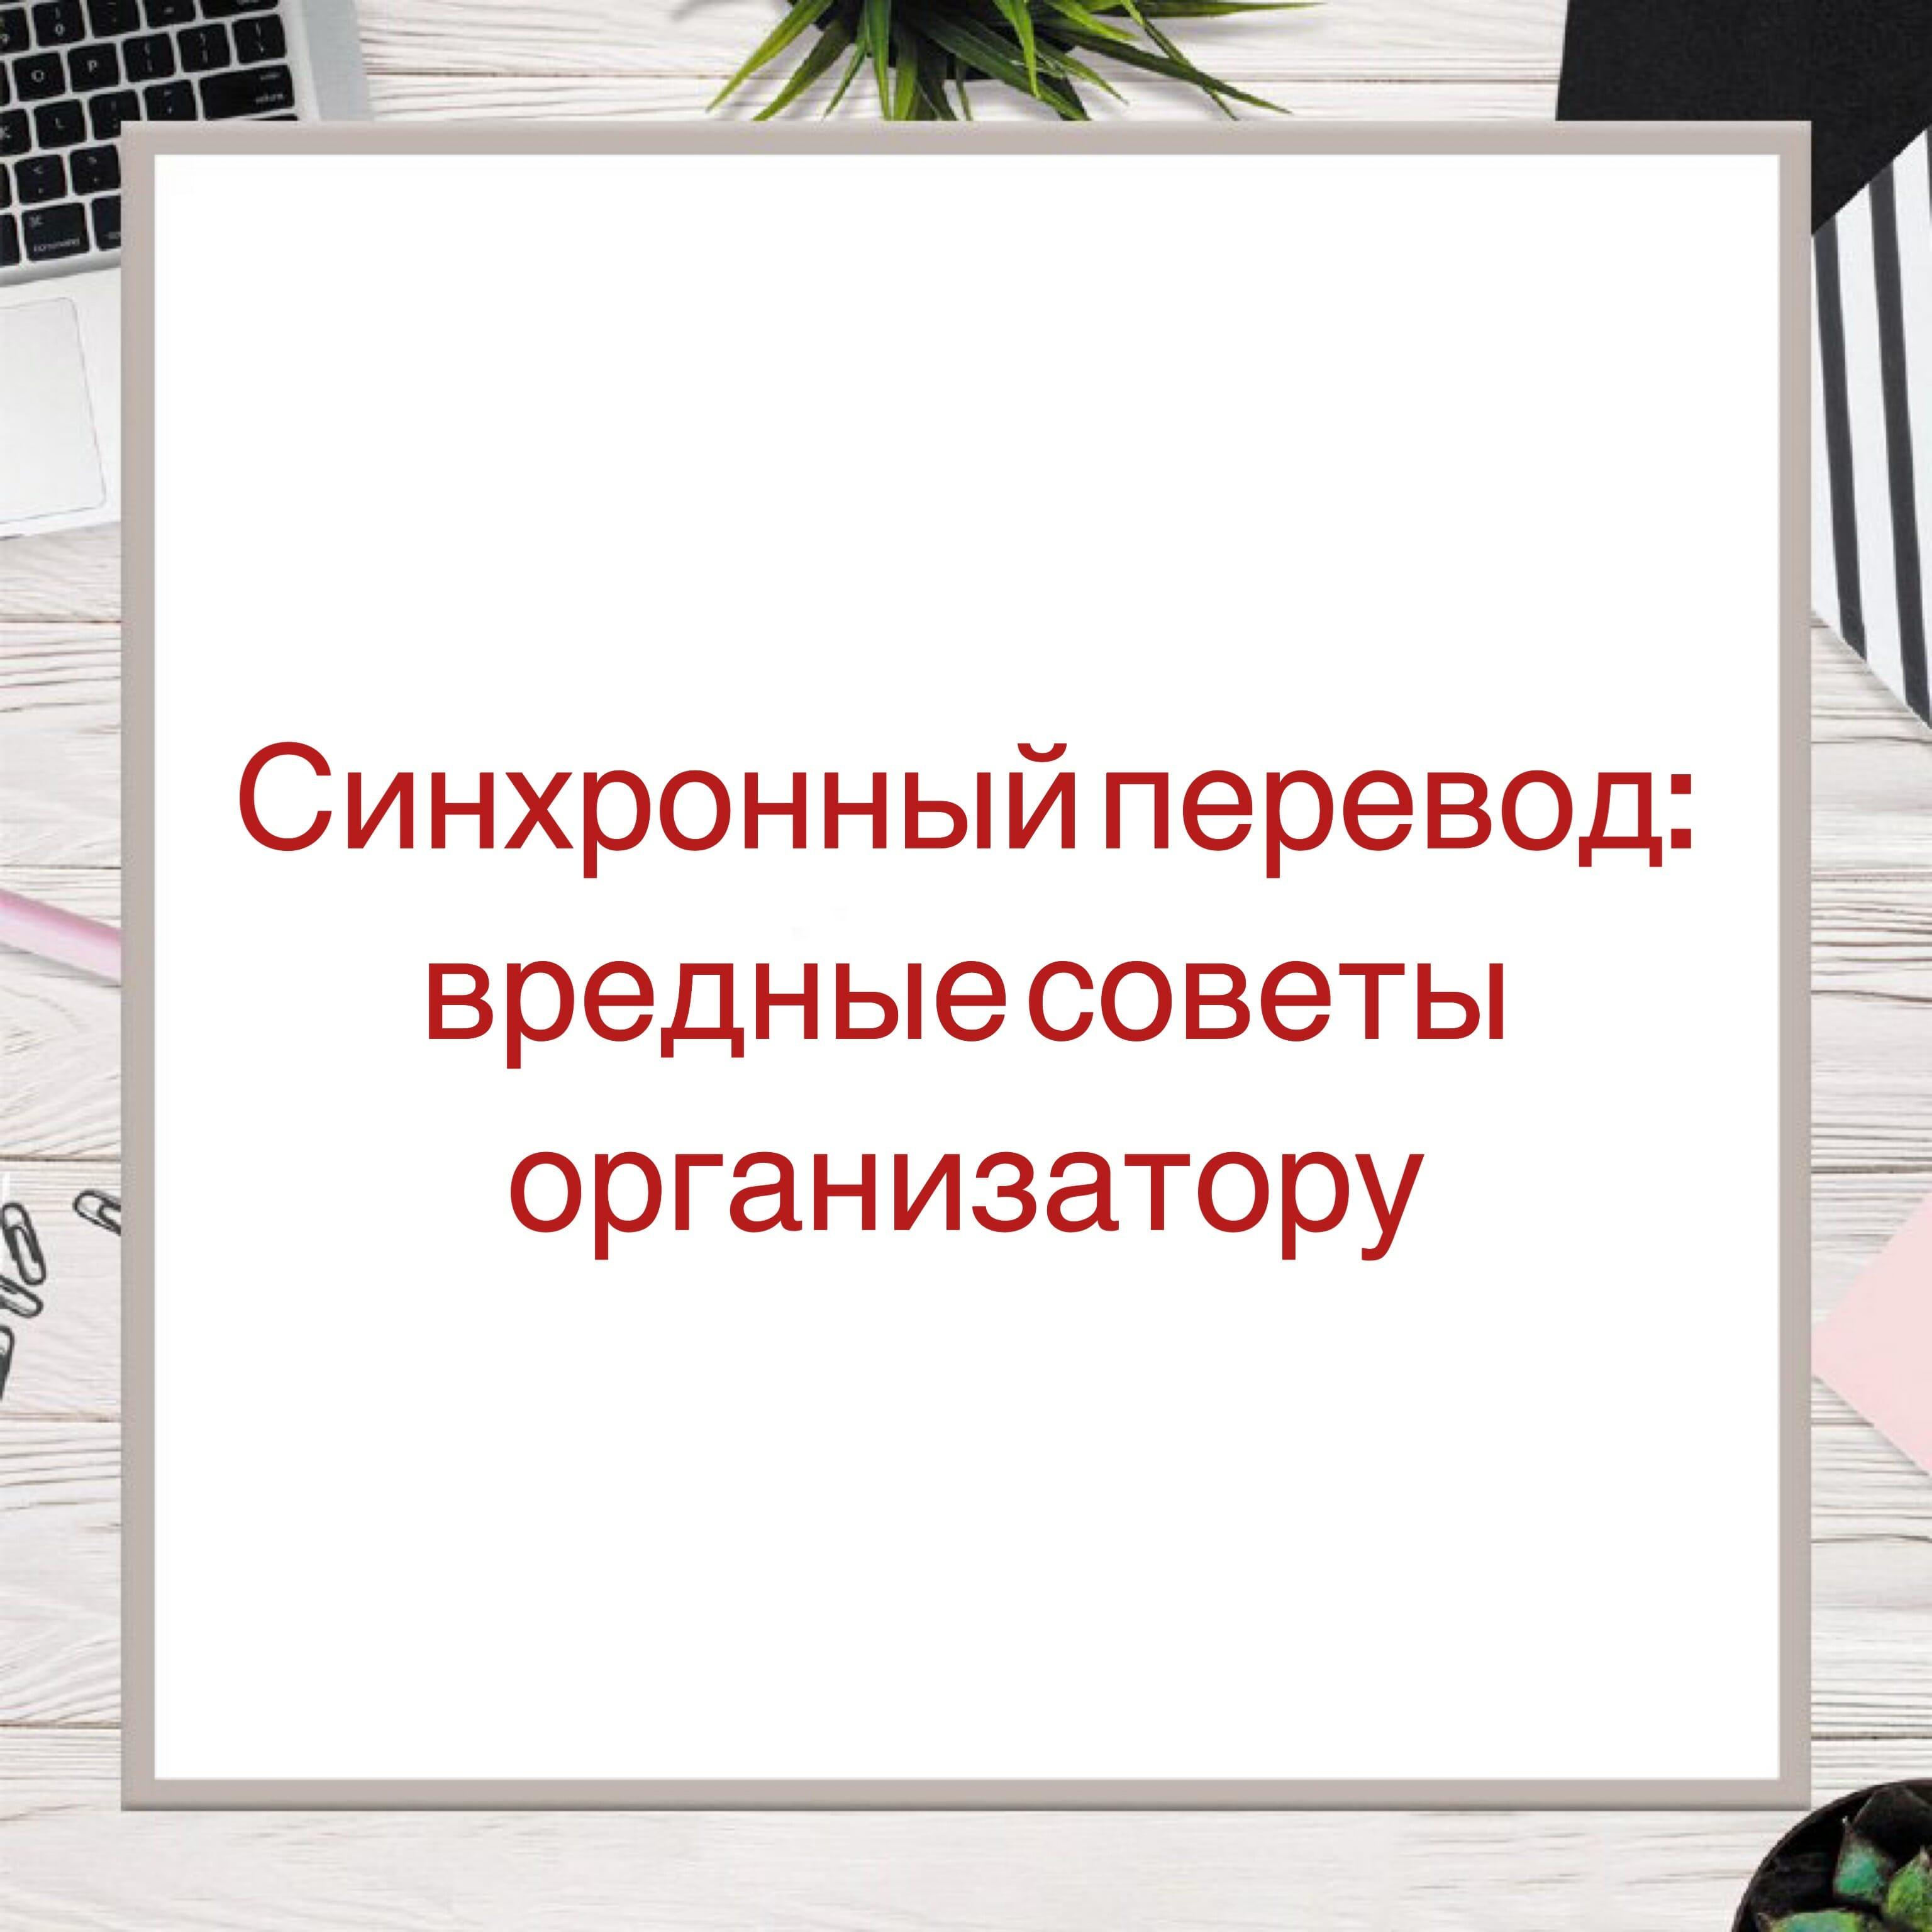 Синхронный перевод: вредные советы организатору